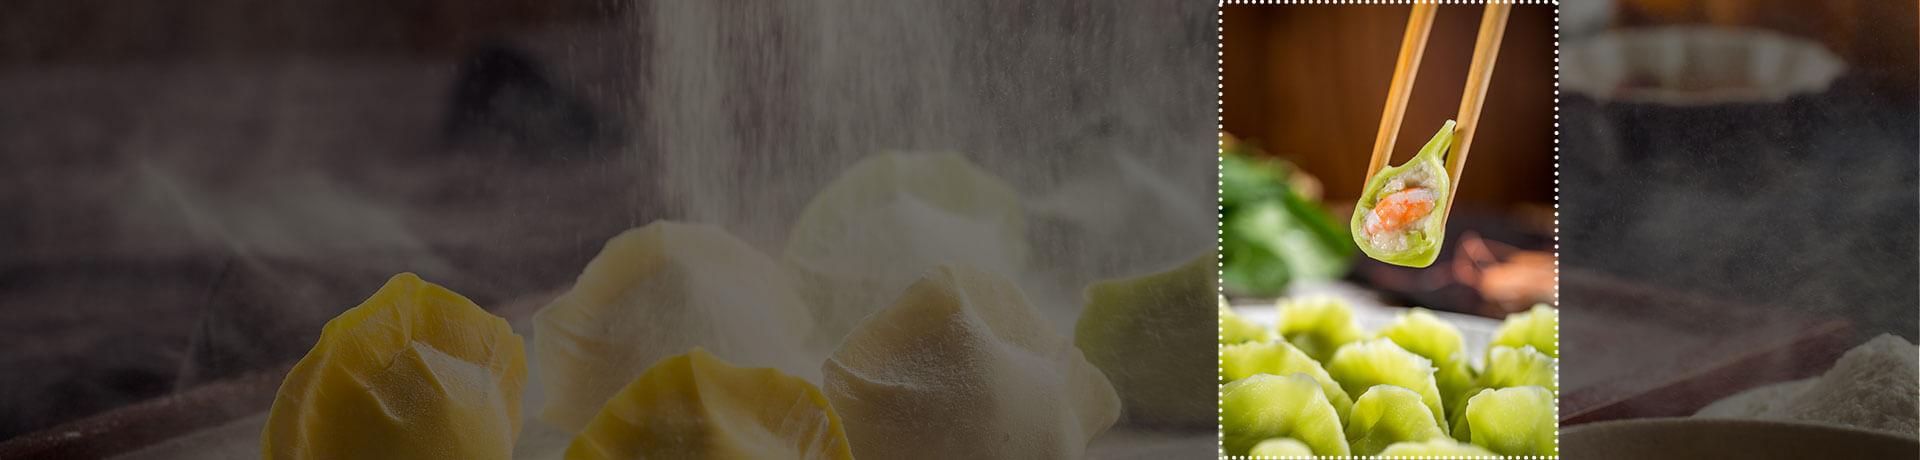 惠美饺子产品特色